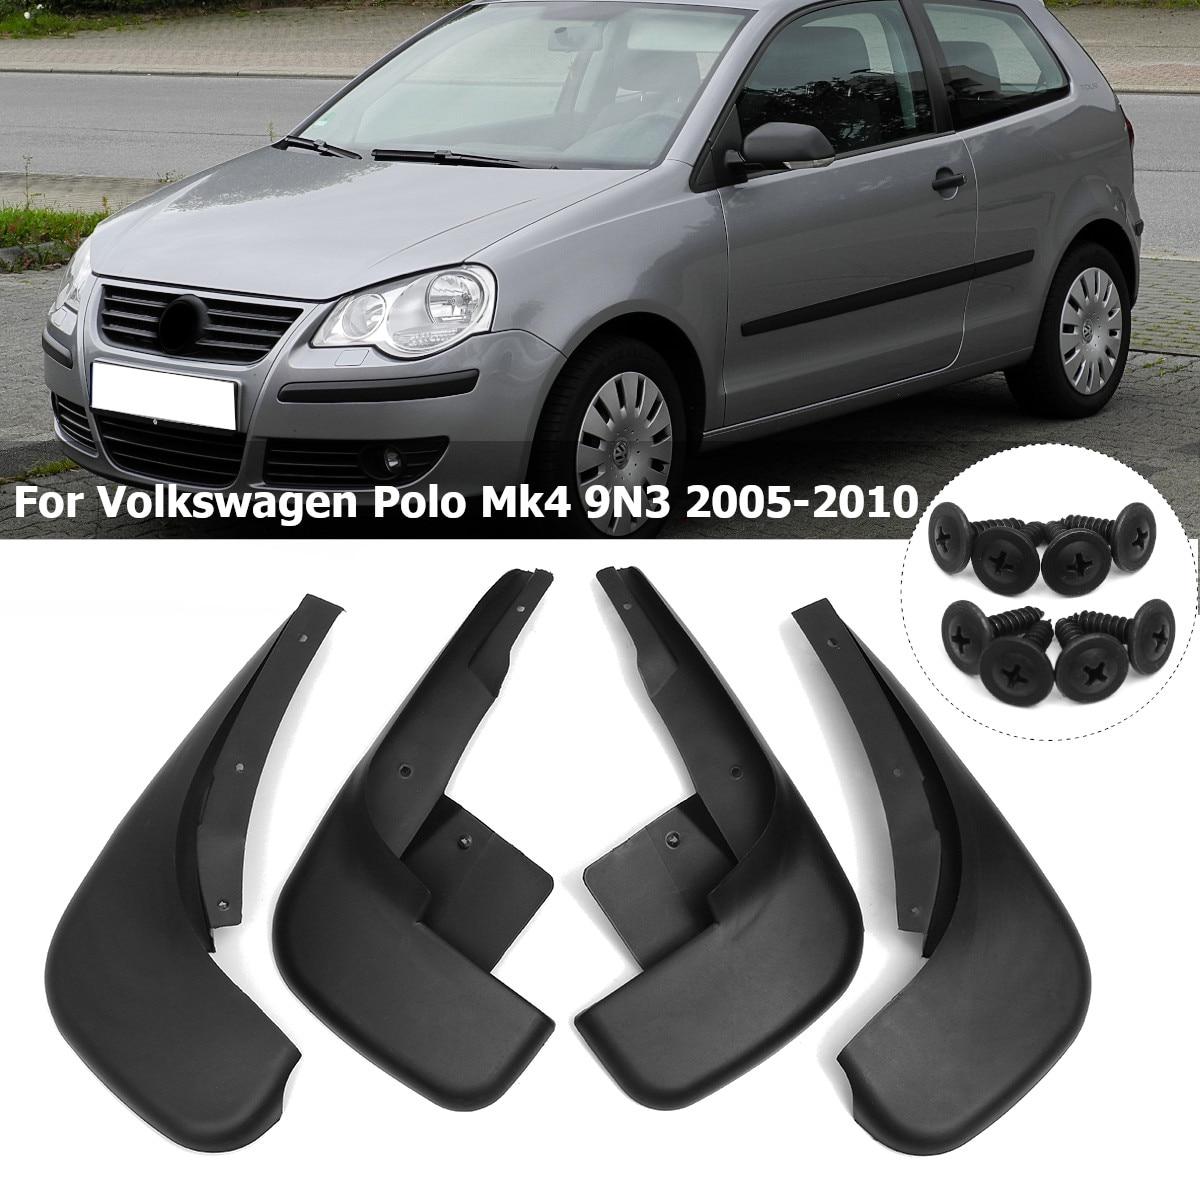 Schlamm Flaps für VW Polo Mk4 9N3 2005-2009 Auto Fender Splash Guards Vorne Kotflügel Hinten Schmutzfänger Zubehör